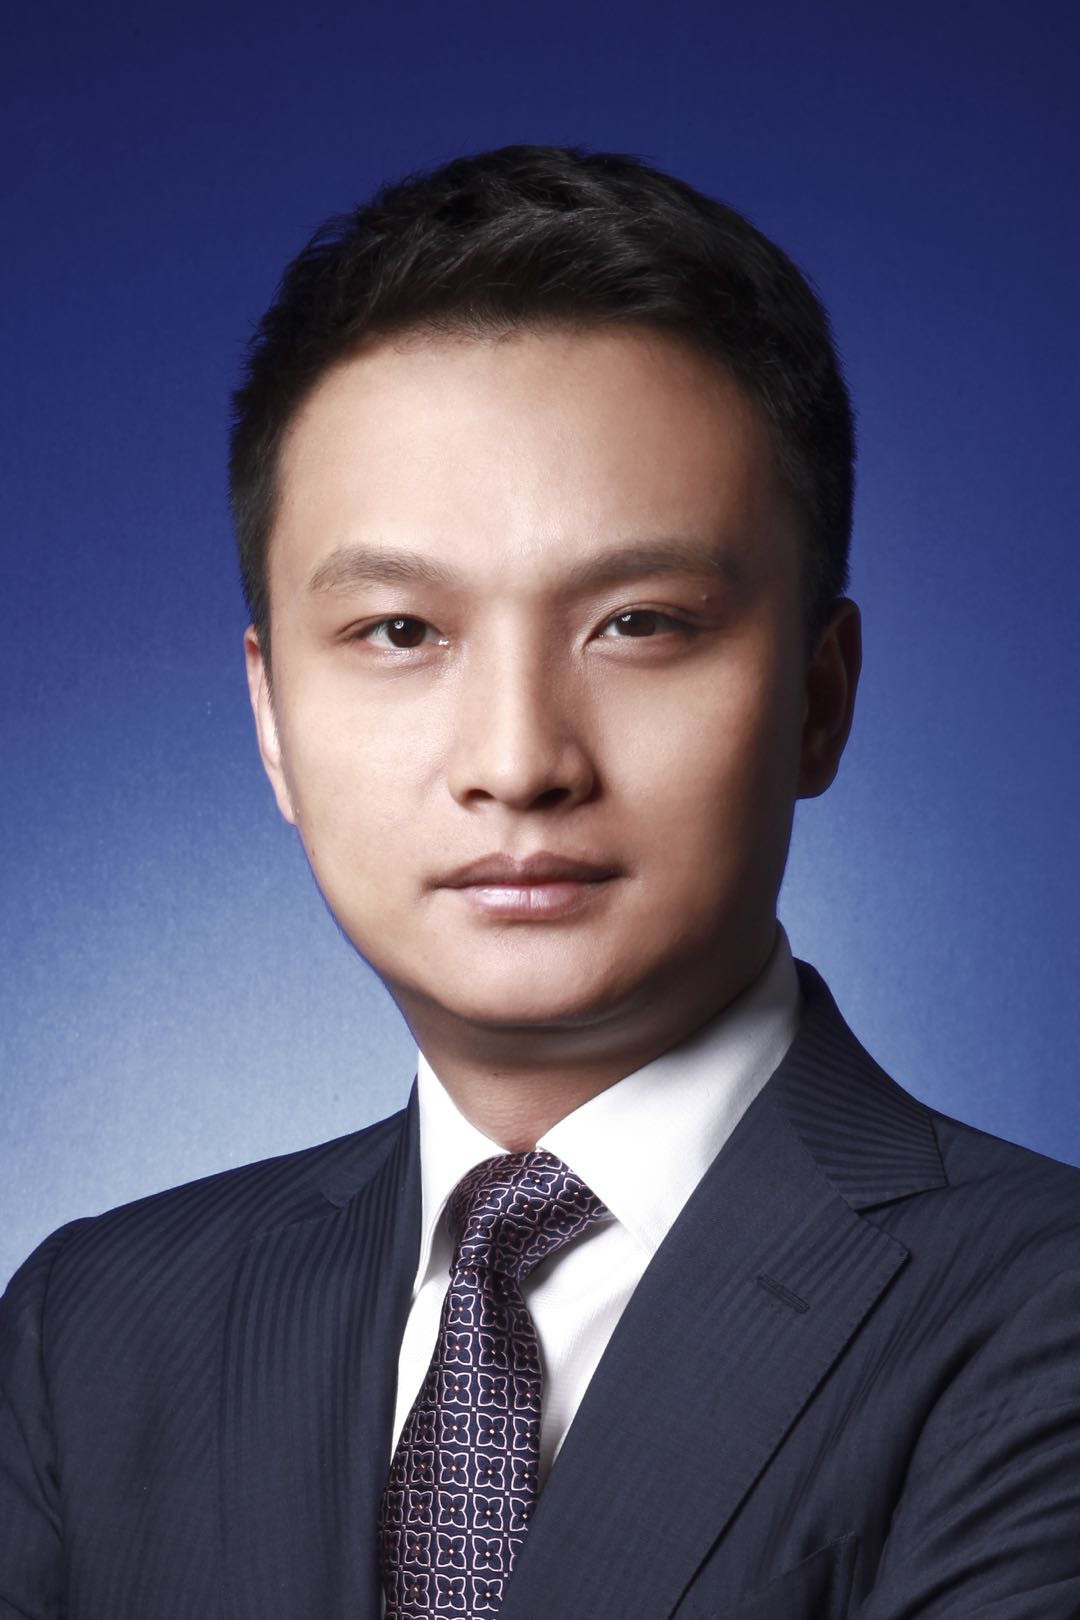 理想汽車人事調整 任命樊錚先生為獨立董事-圖1